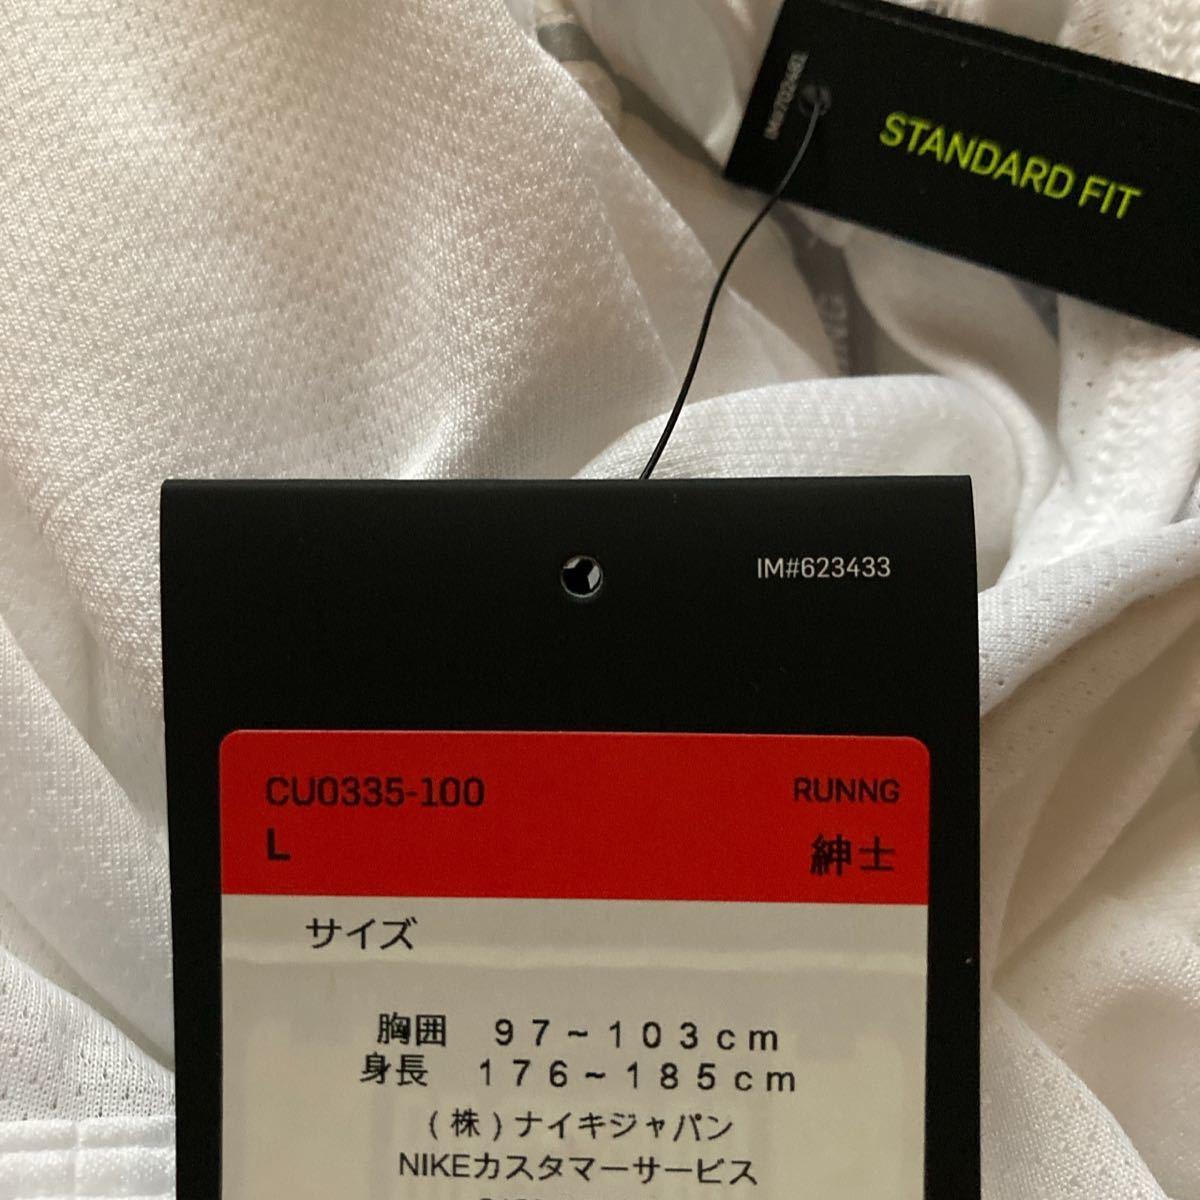 NIKE ランニング タンクトップ ホワイト DRY-FIT メンズL 新品